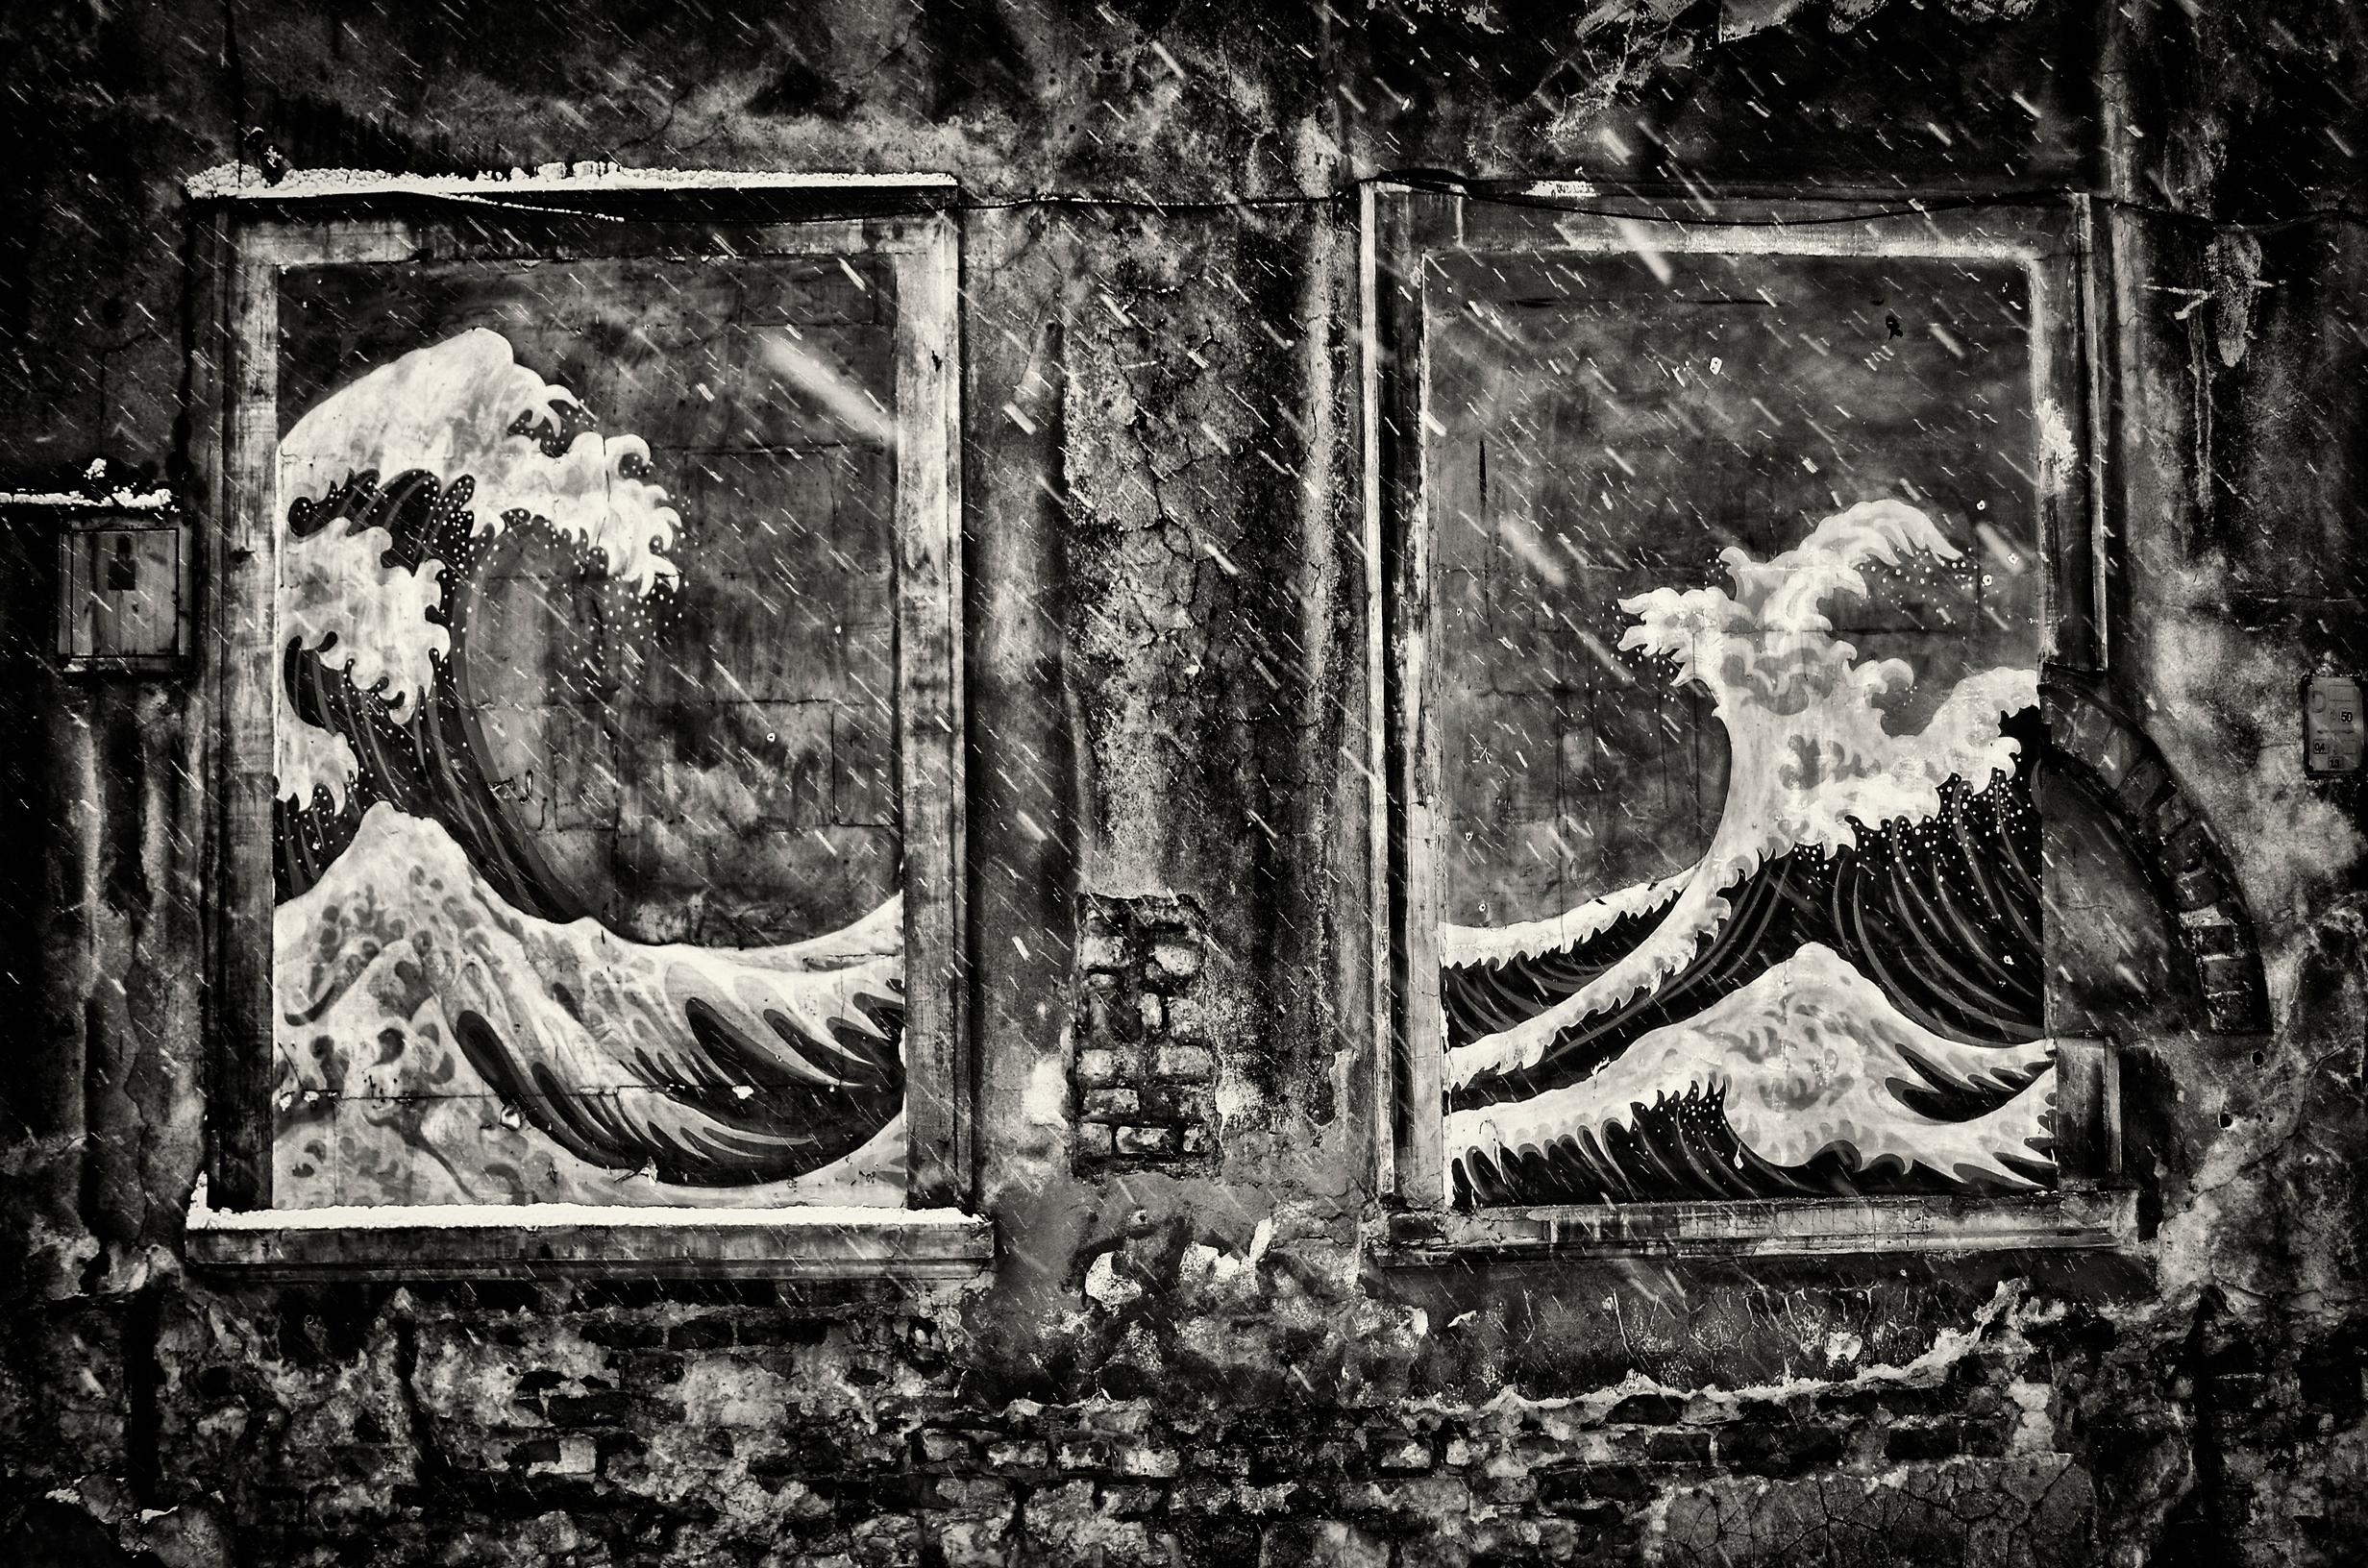 Czarno-biała fotografia zobrazem wzburzonych fal ipadającym deszczem.